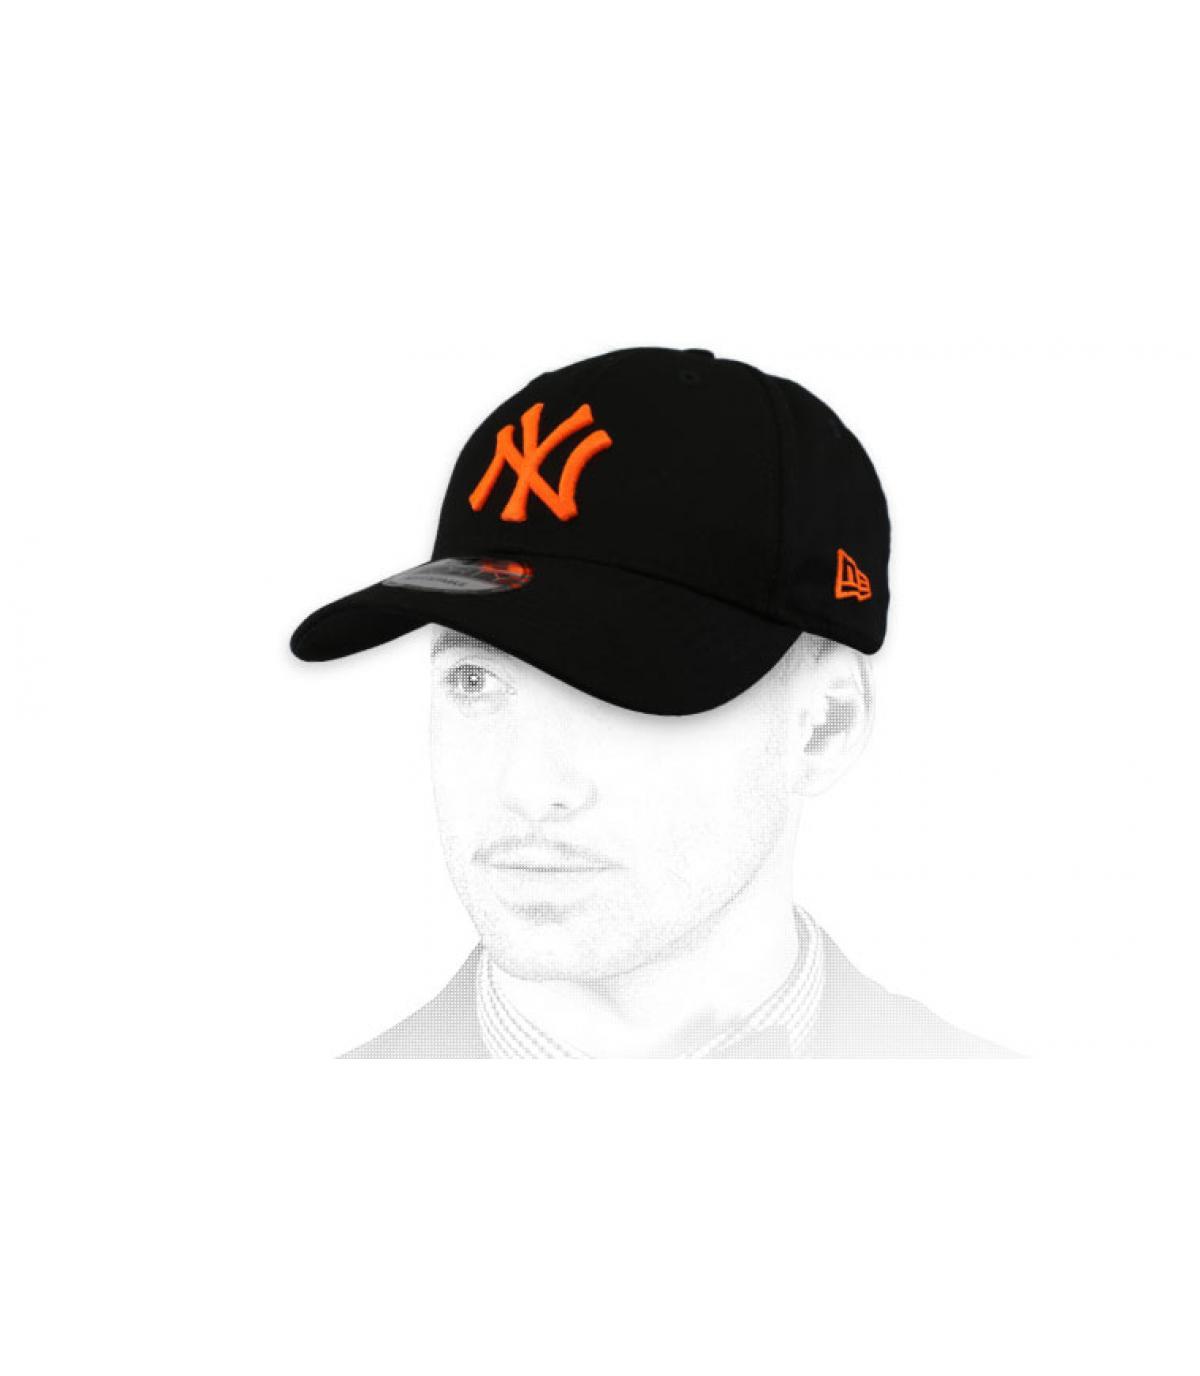 cap NY nero arancio